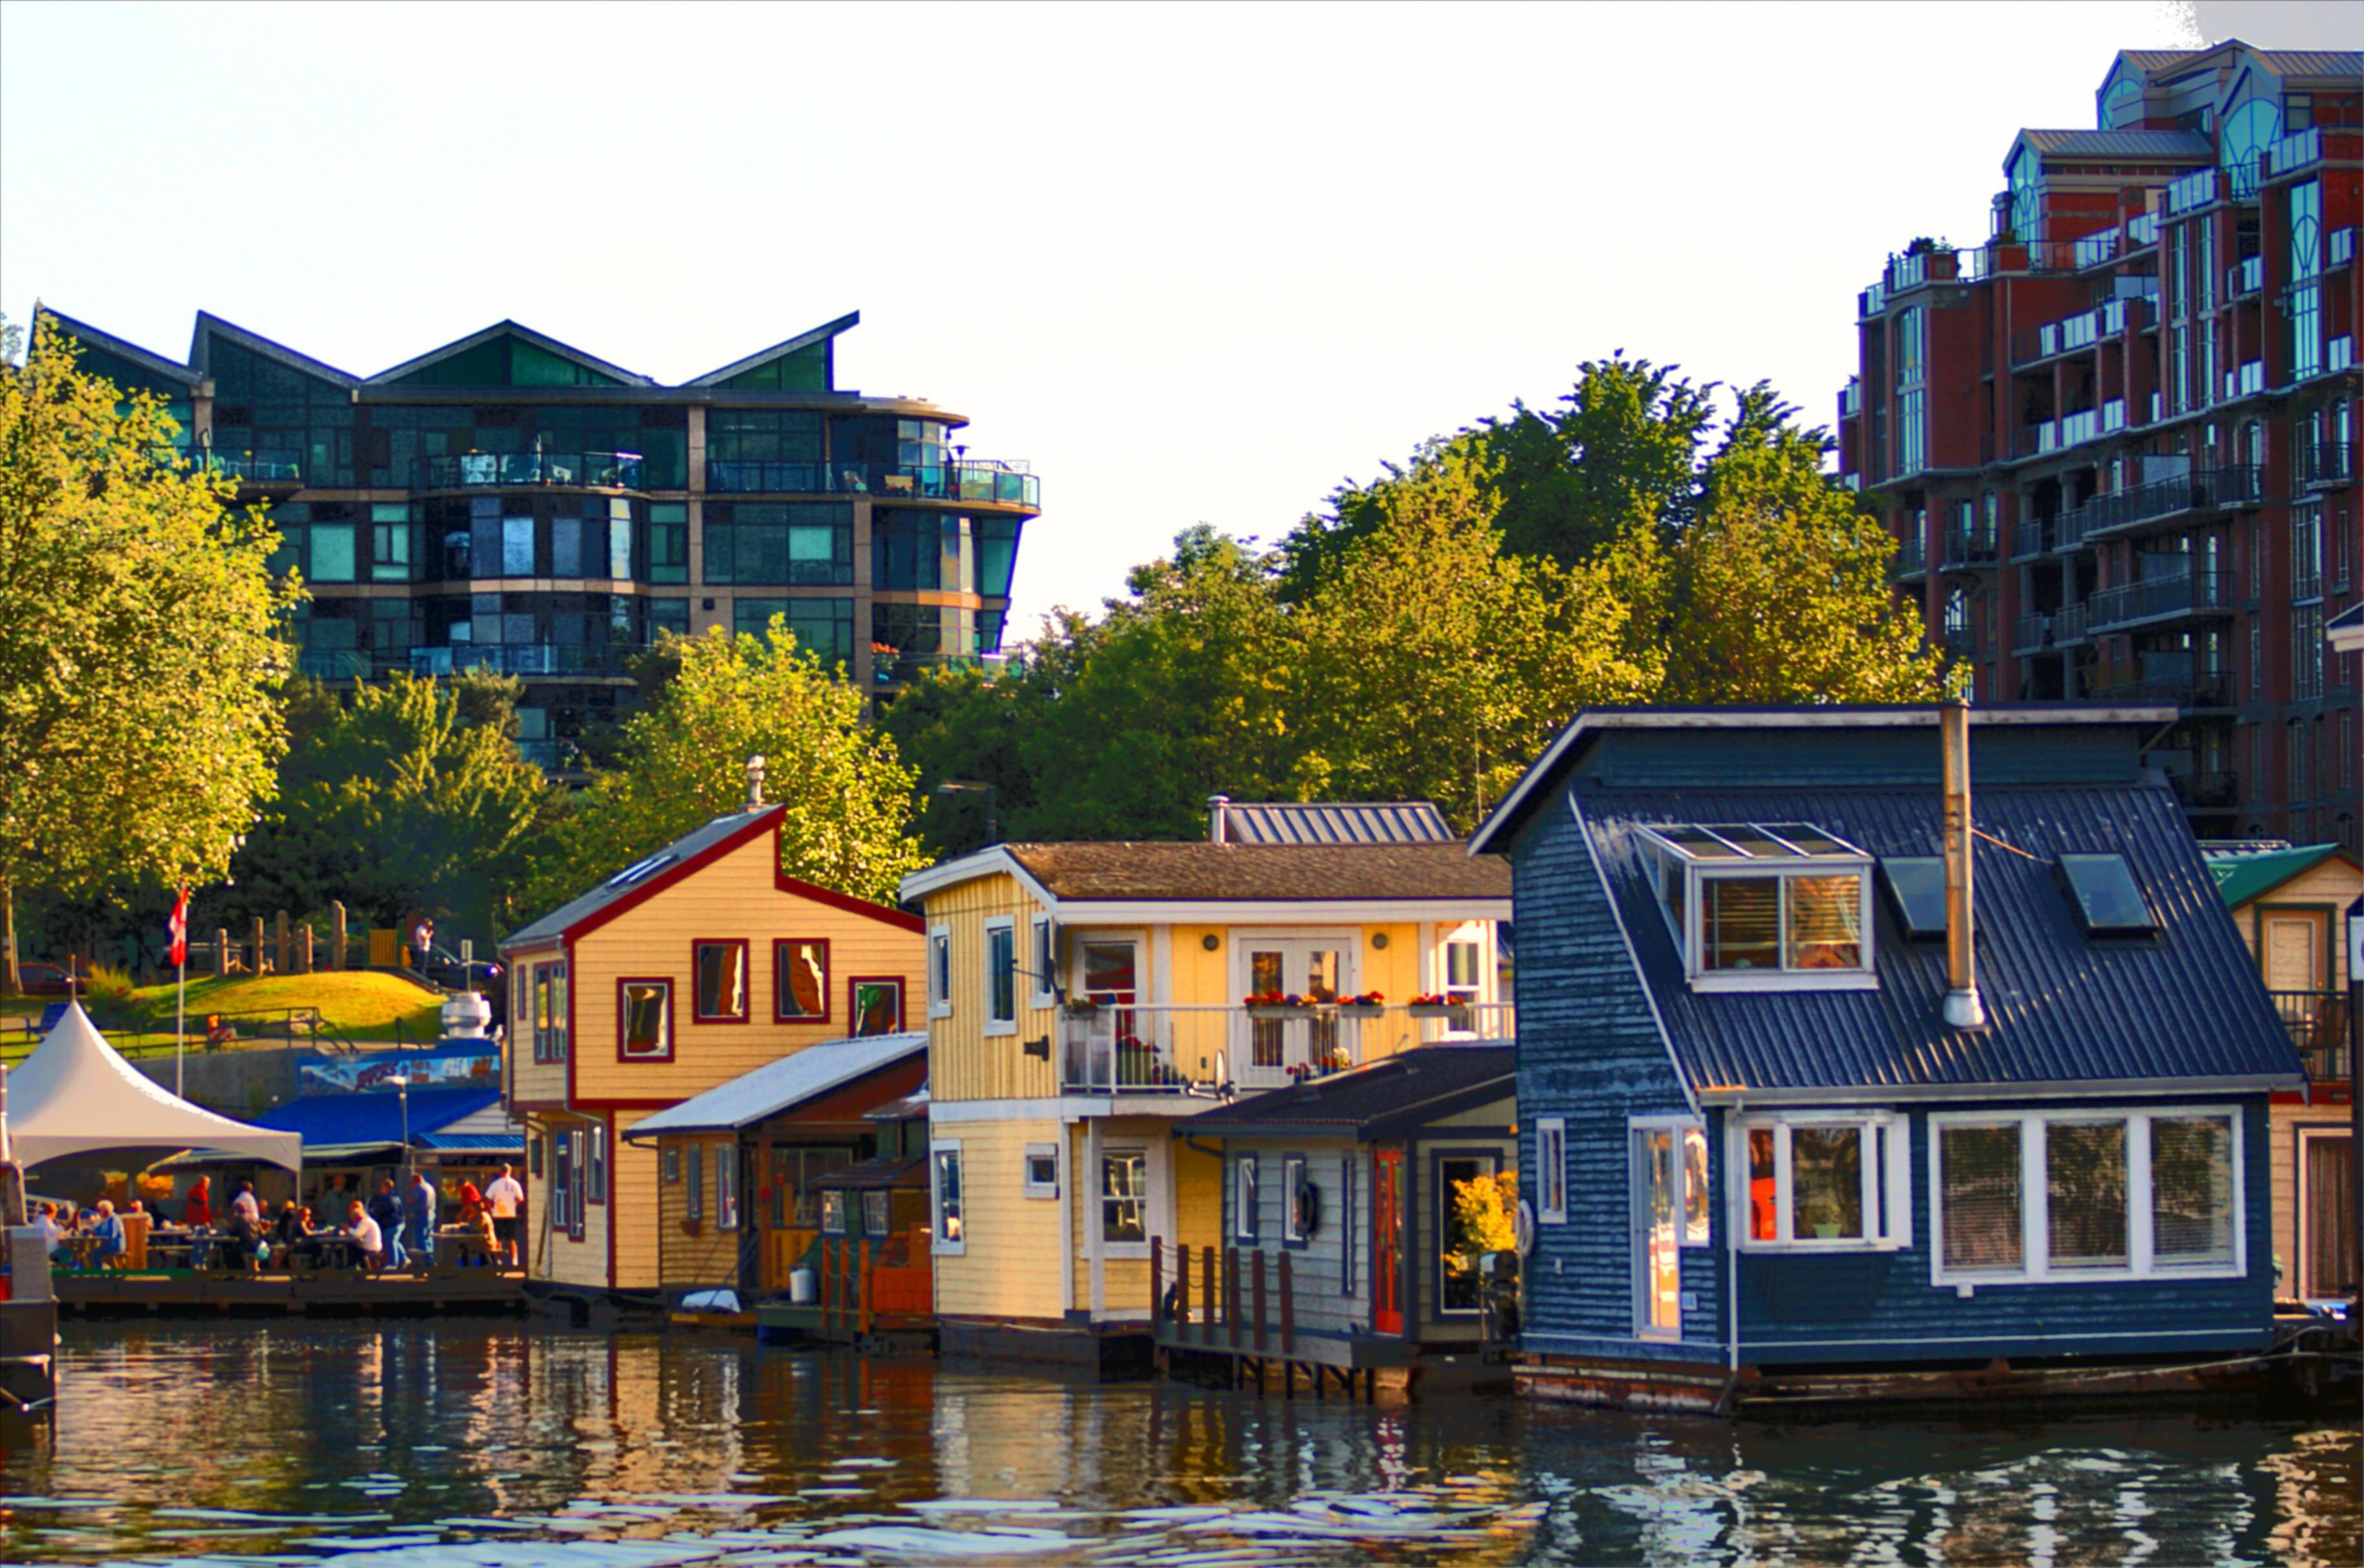 Fisherman's Wharf - Victoria, BC